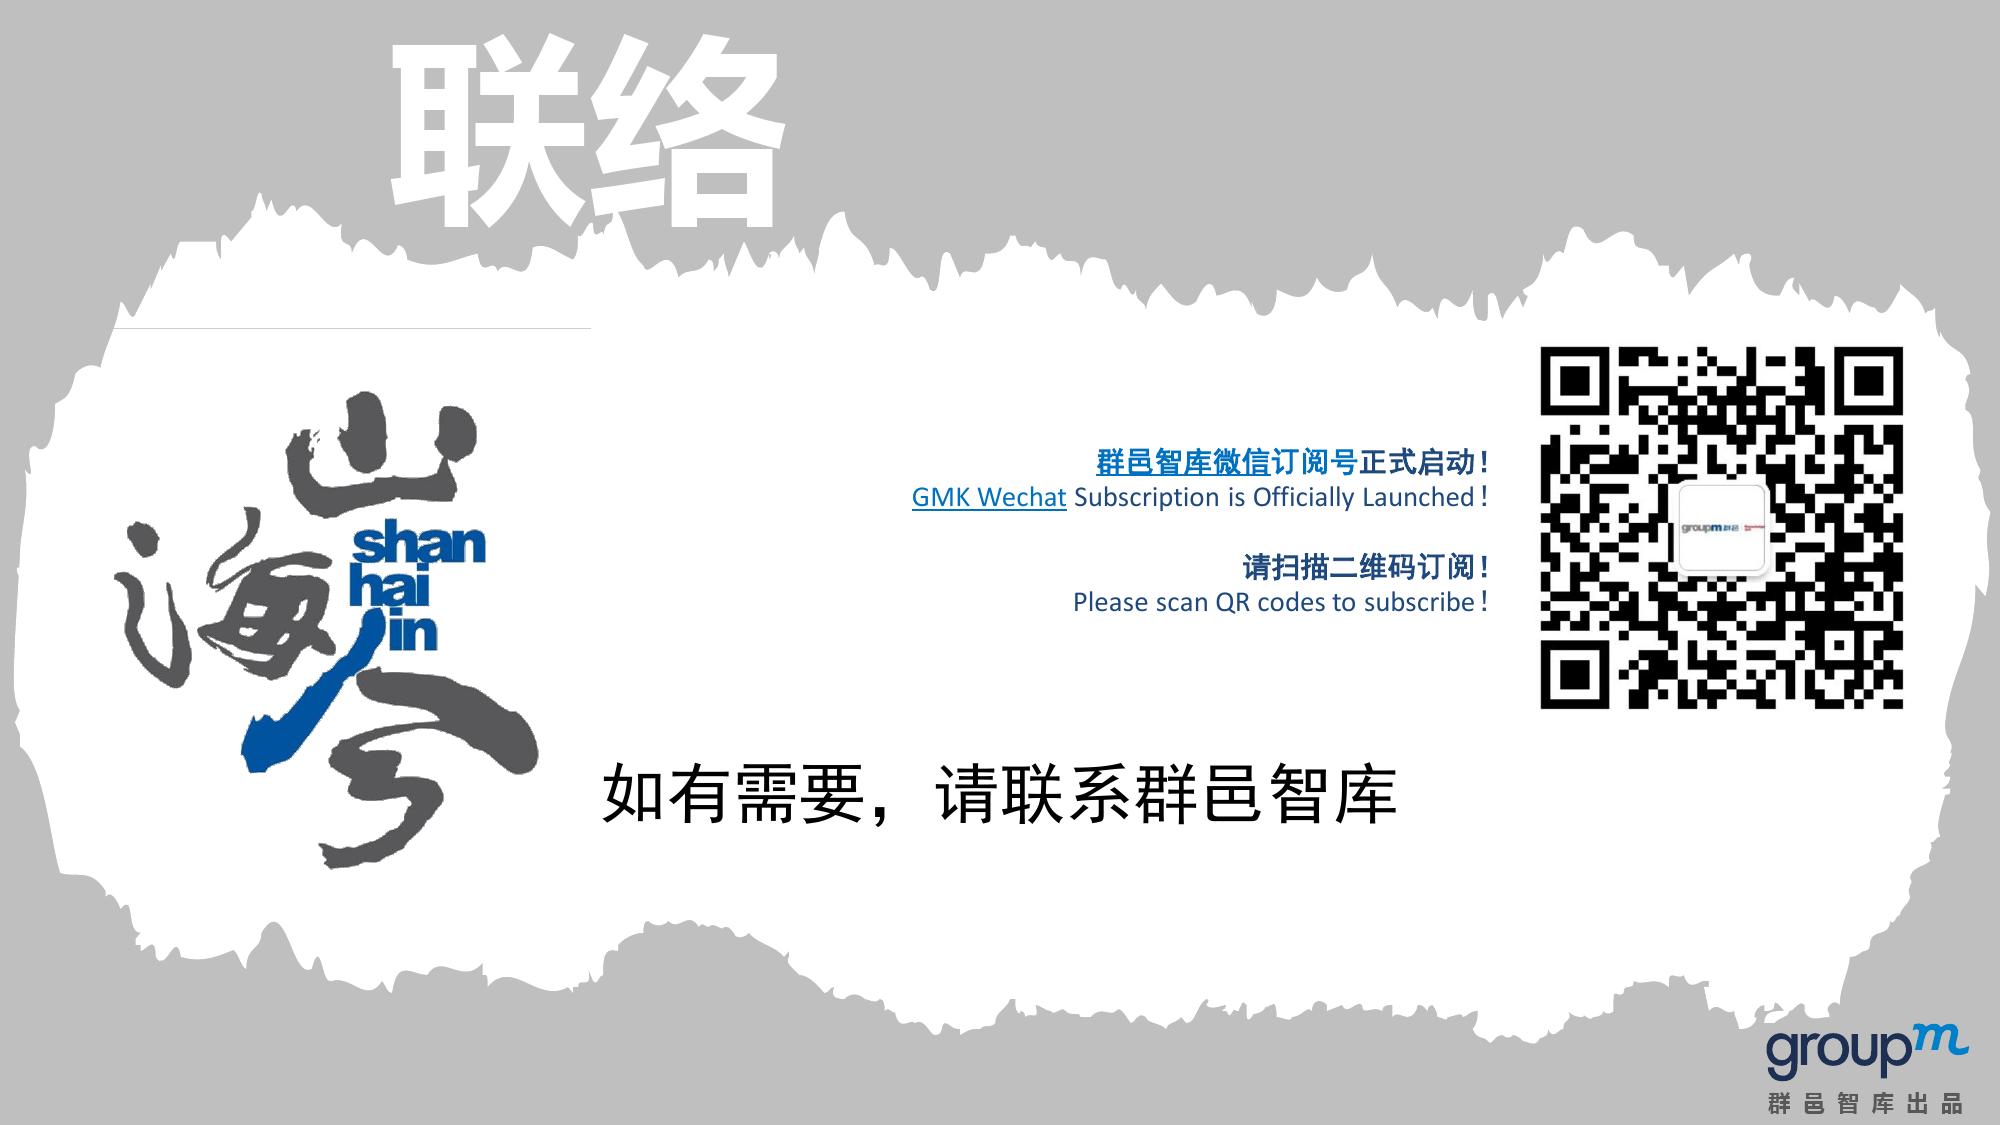 山海今2015中国媒介趋势报告_000064